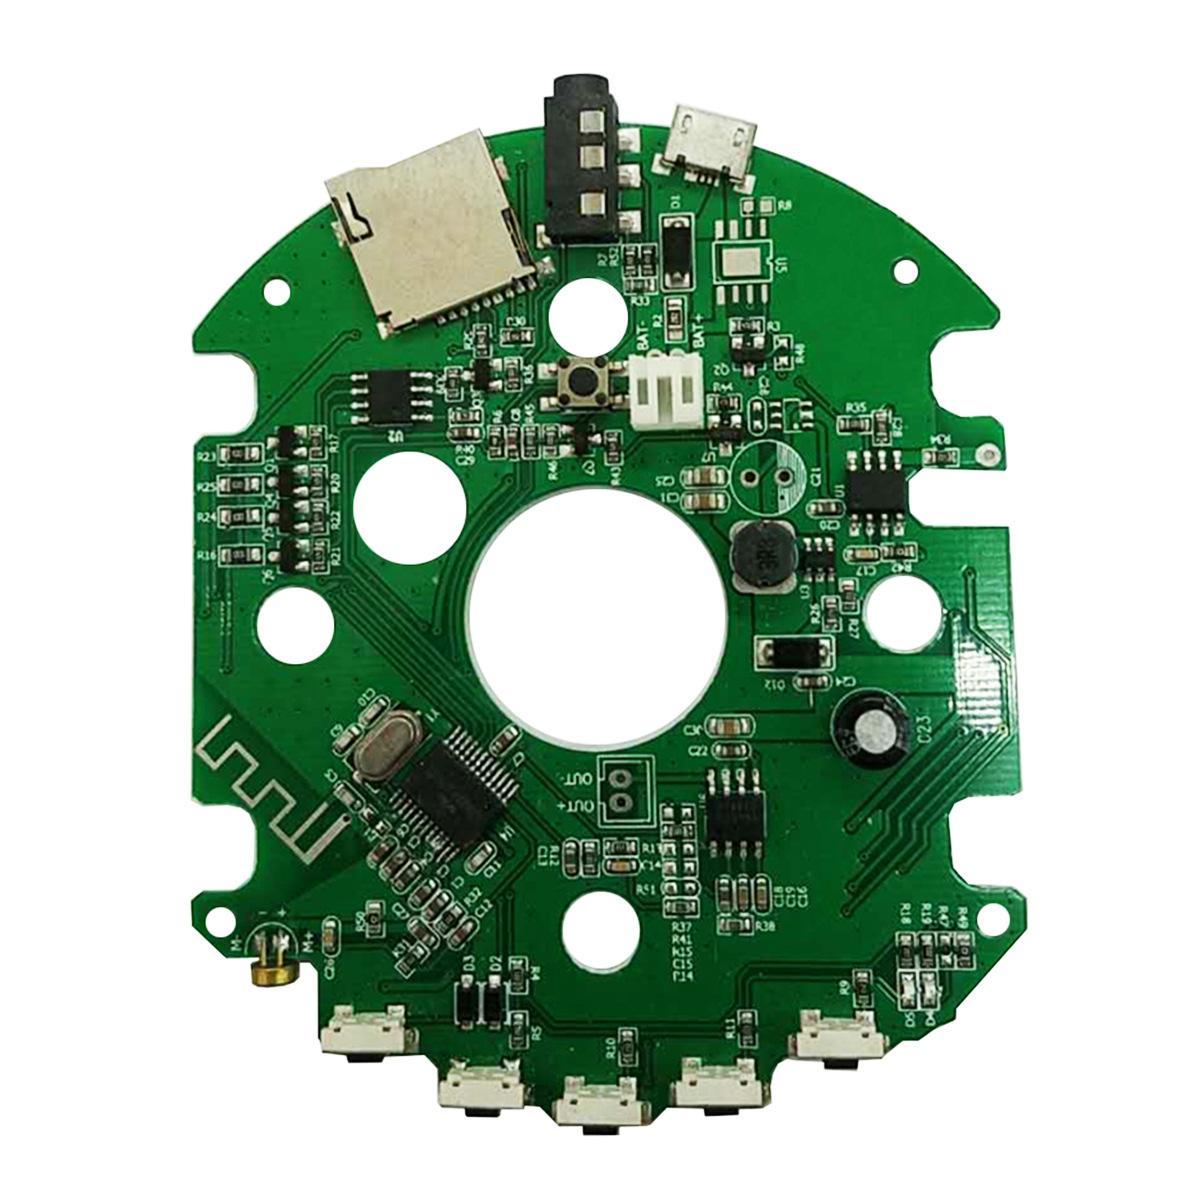 触屏AI蓝牙智能音箱smt贴片加工厂,OEM/ODM包工包料